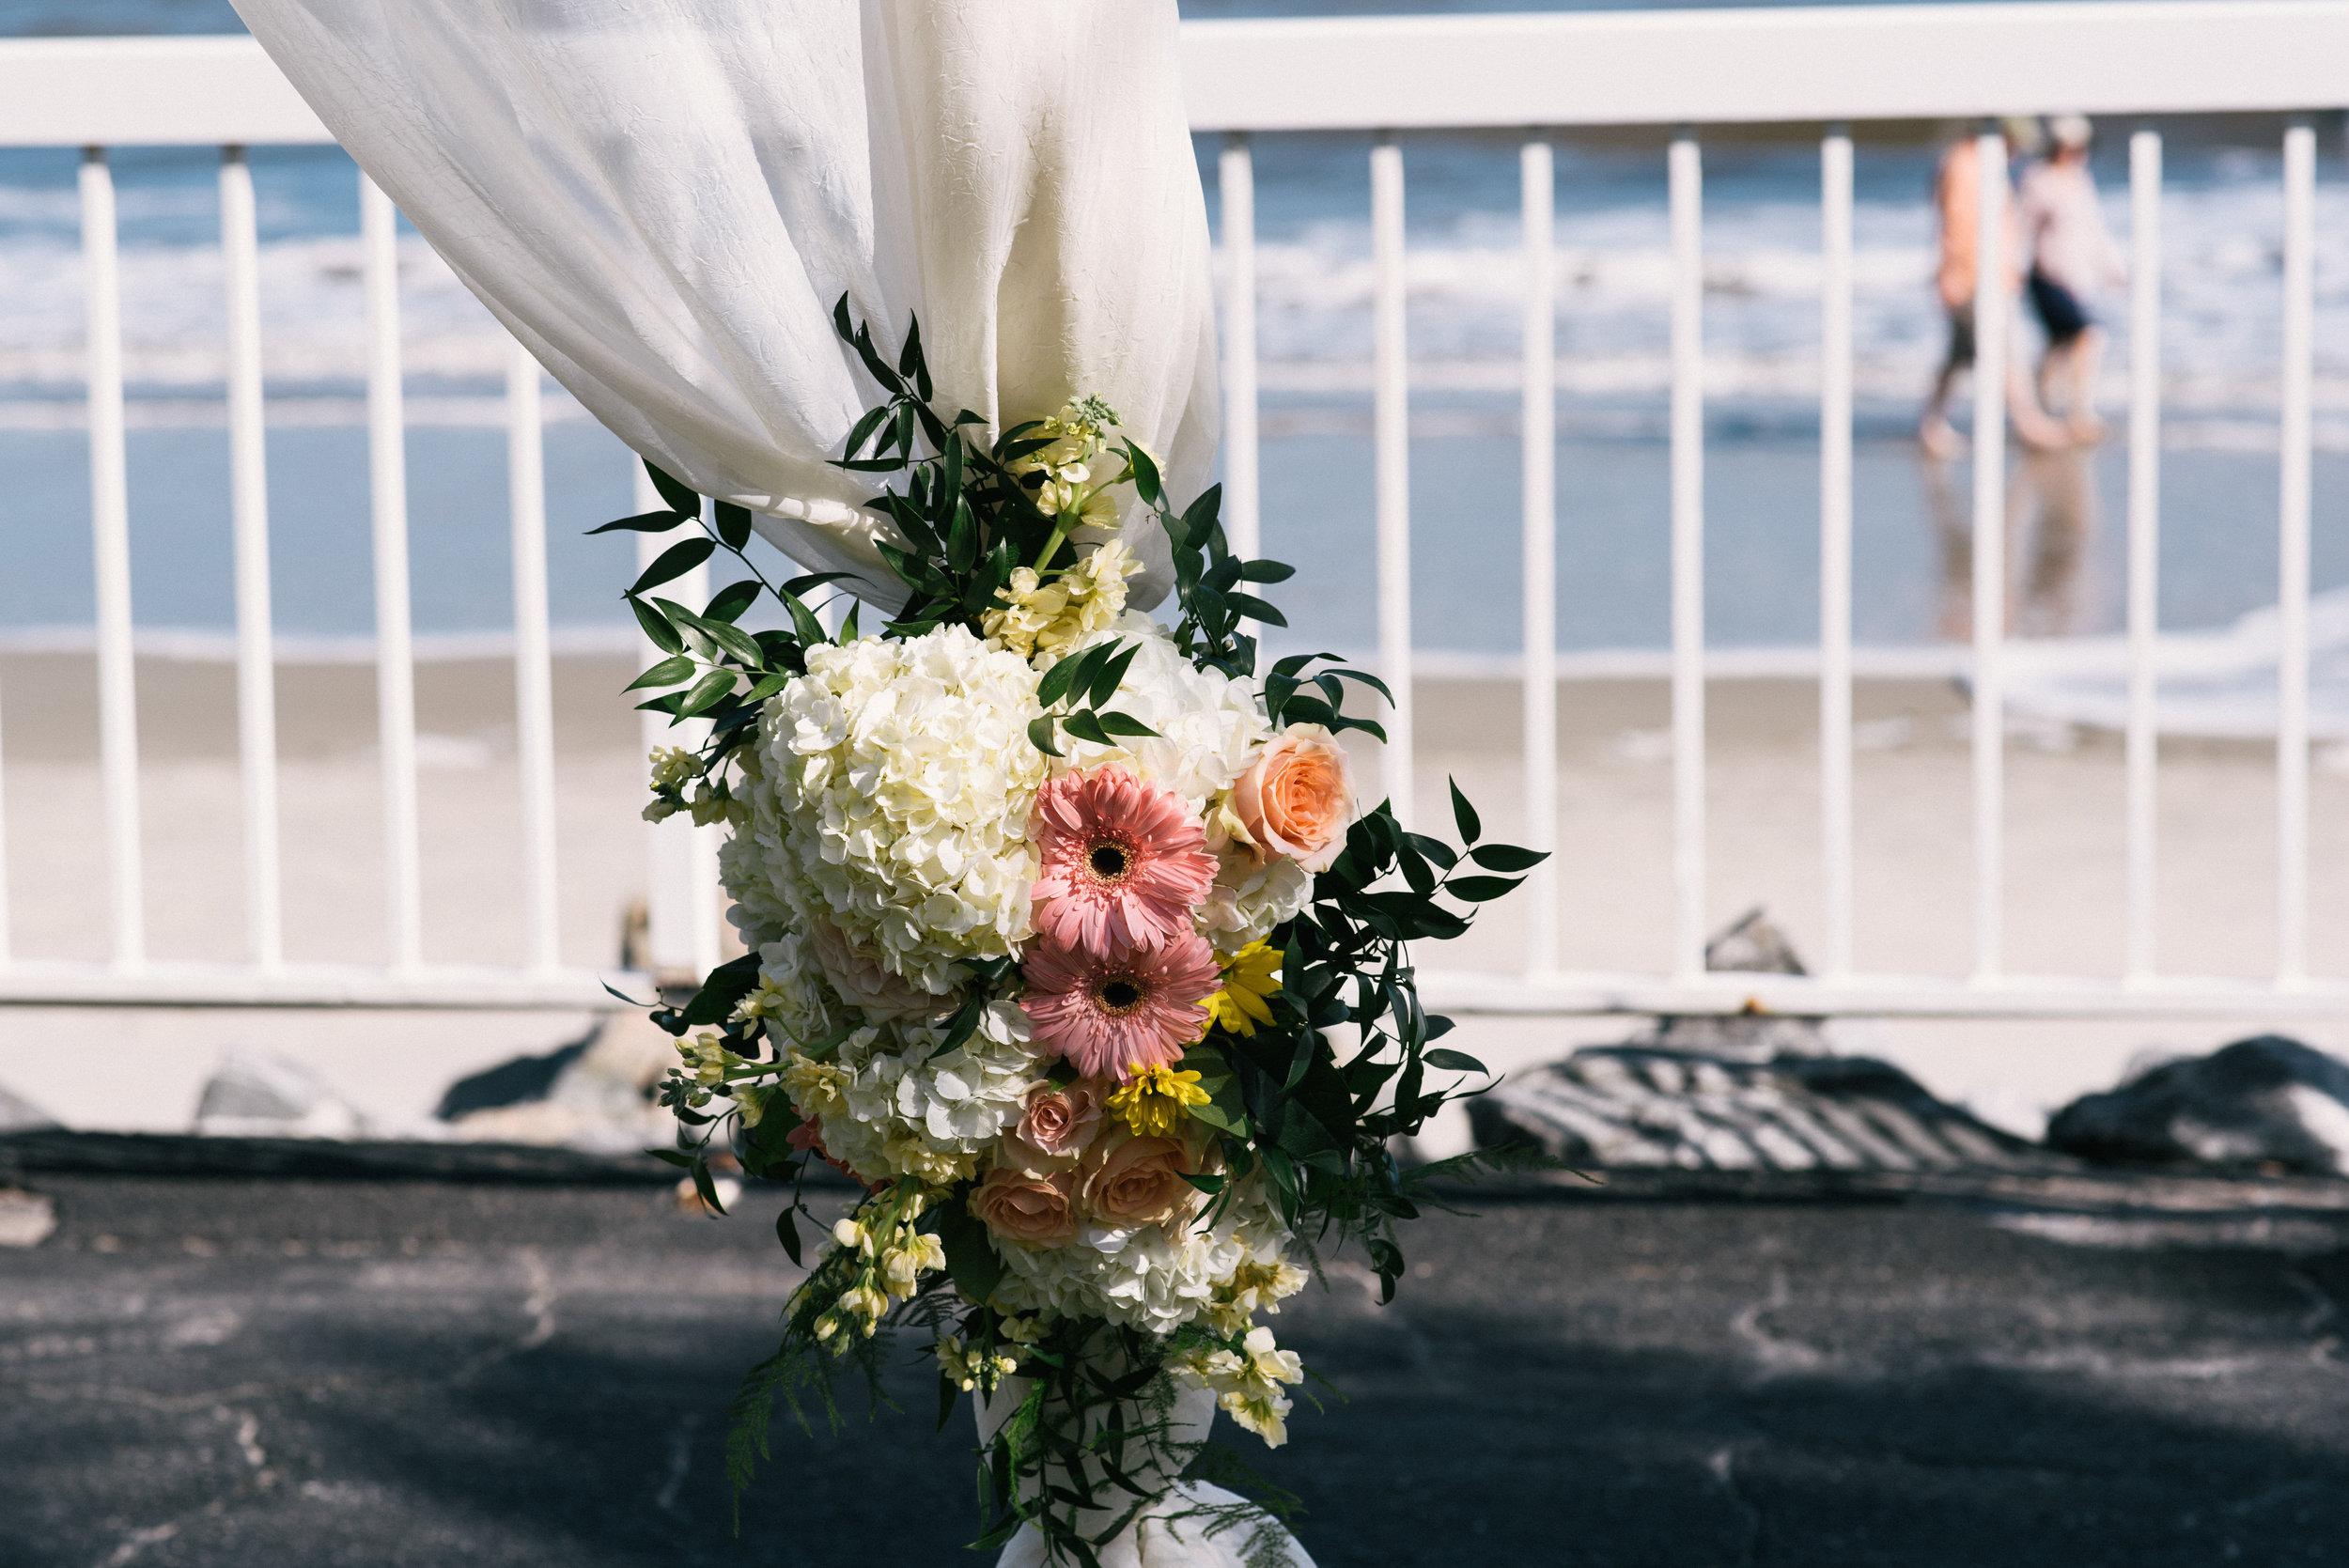 st-simons-island-elopement-photographer-savannah-elopement-photography-savannah-georgia-elopement-photographer-savannah-wedding-photographer-meg-hill-photo-jade-hill- (24 of 72).jpg